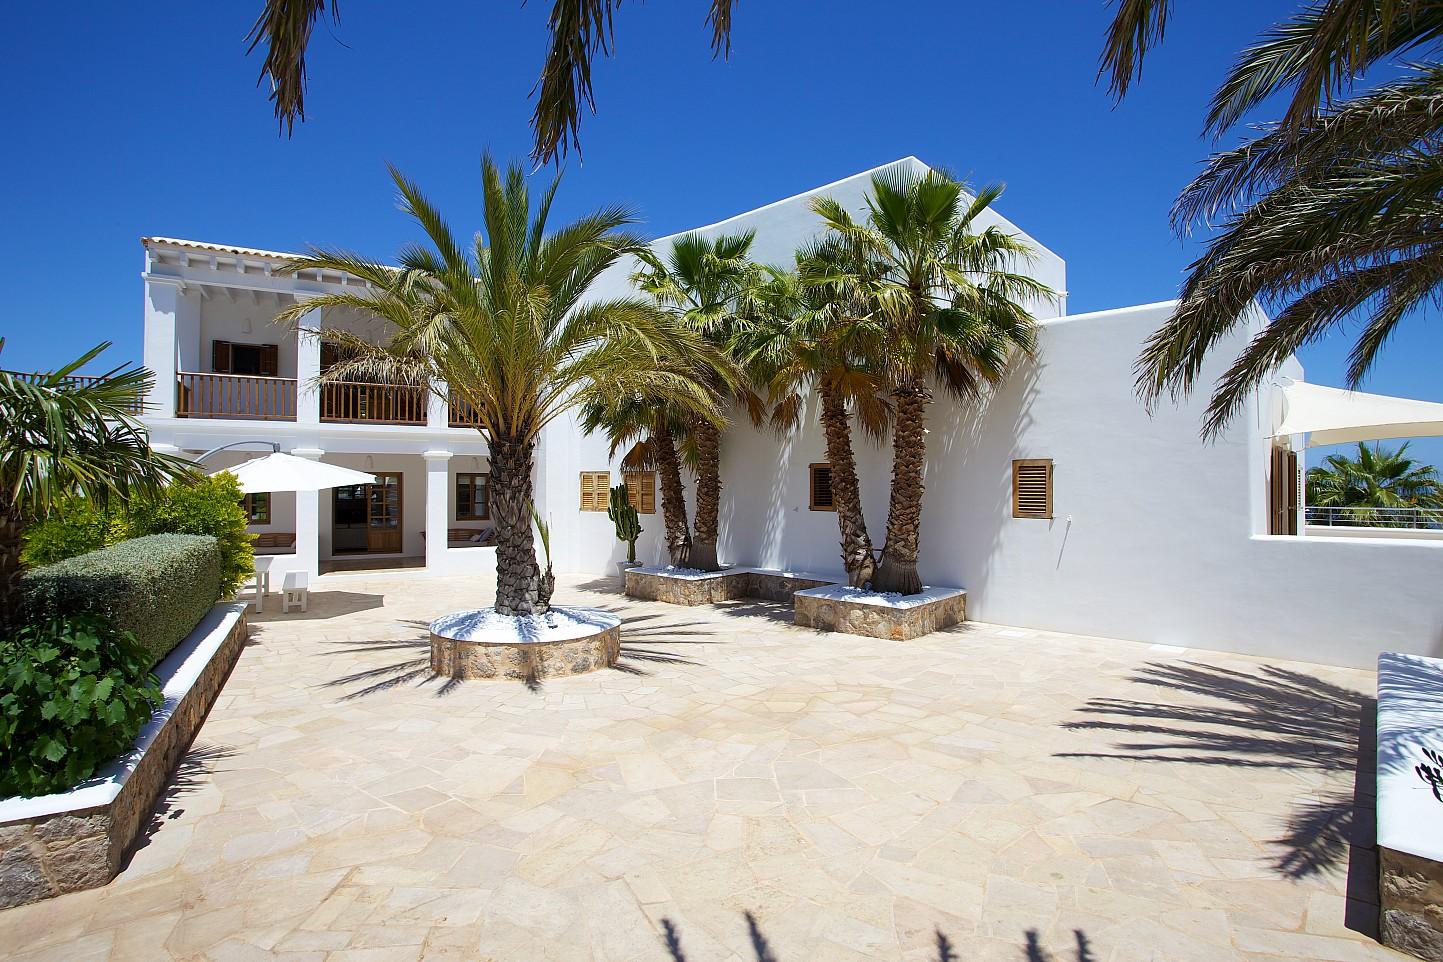 Gran terrassa solejada amb palmeres